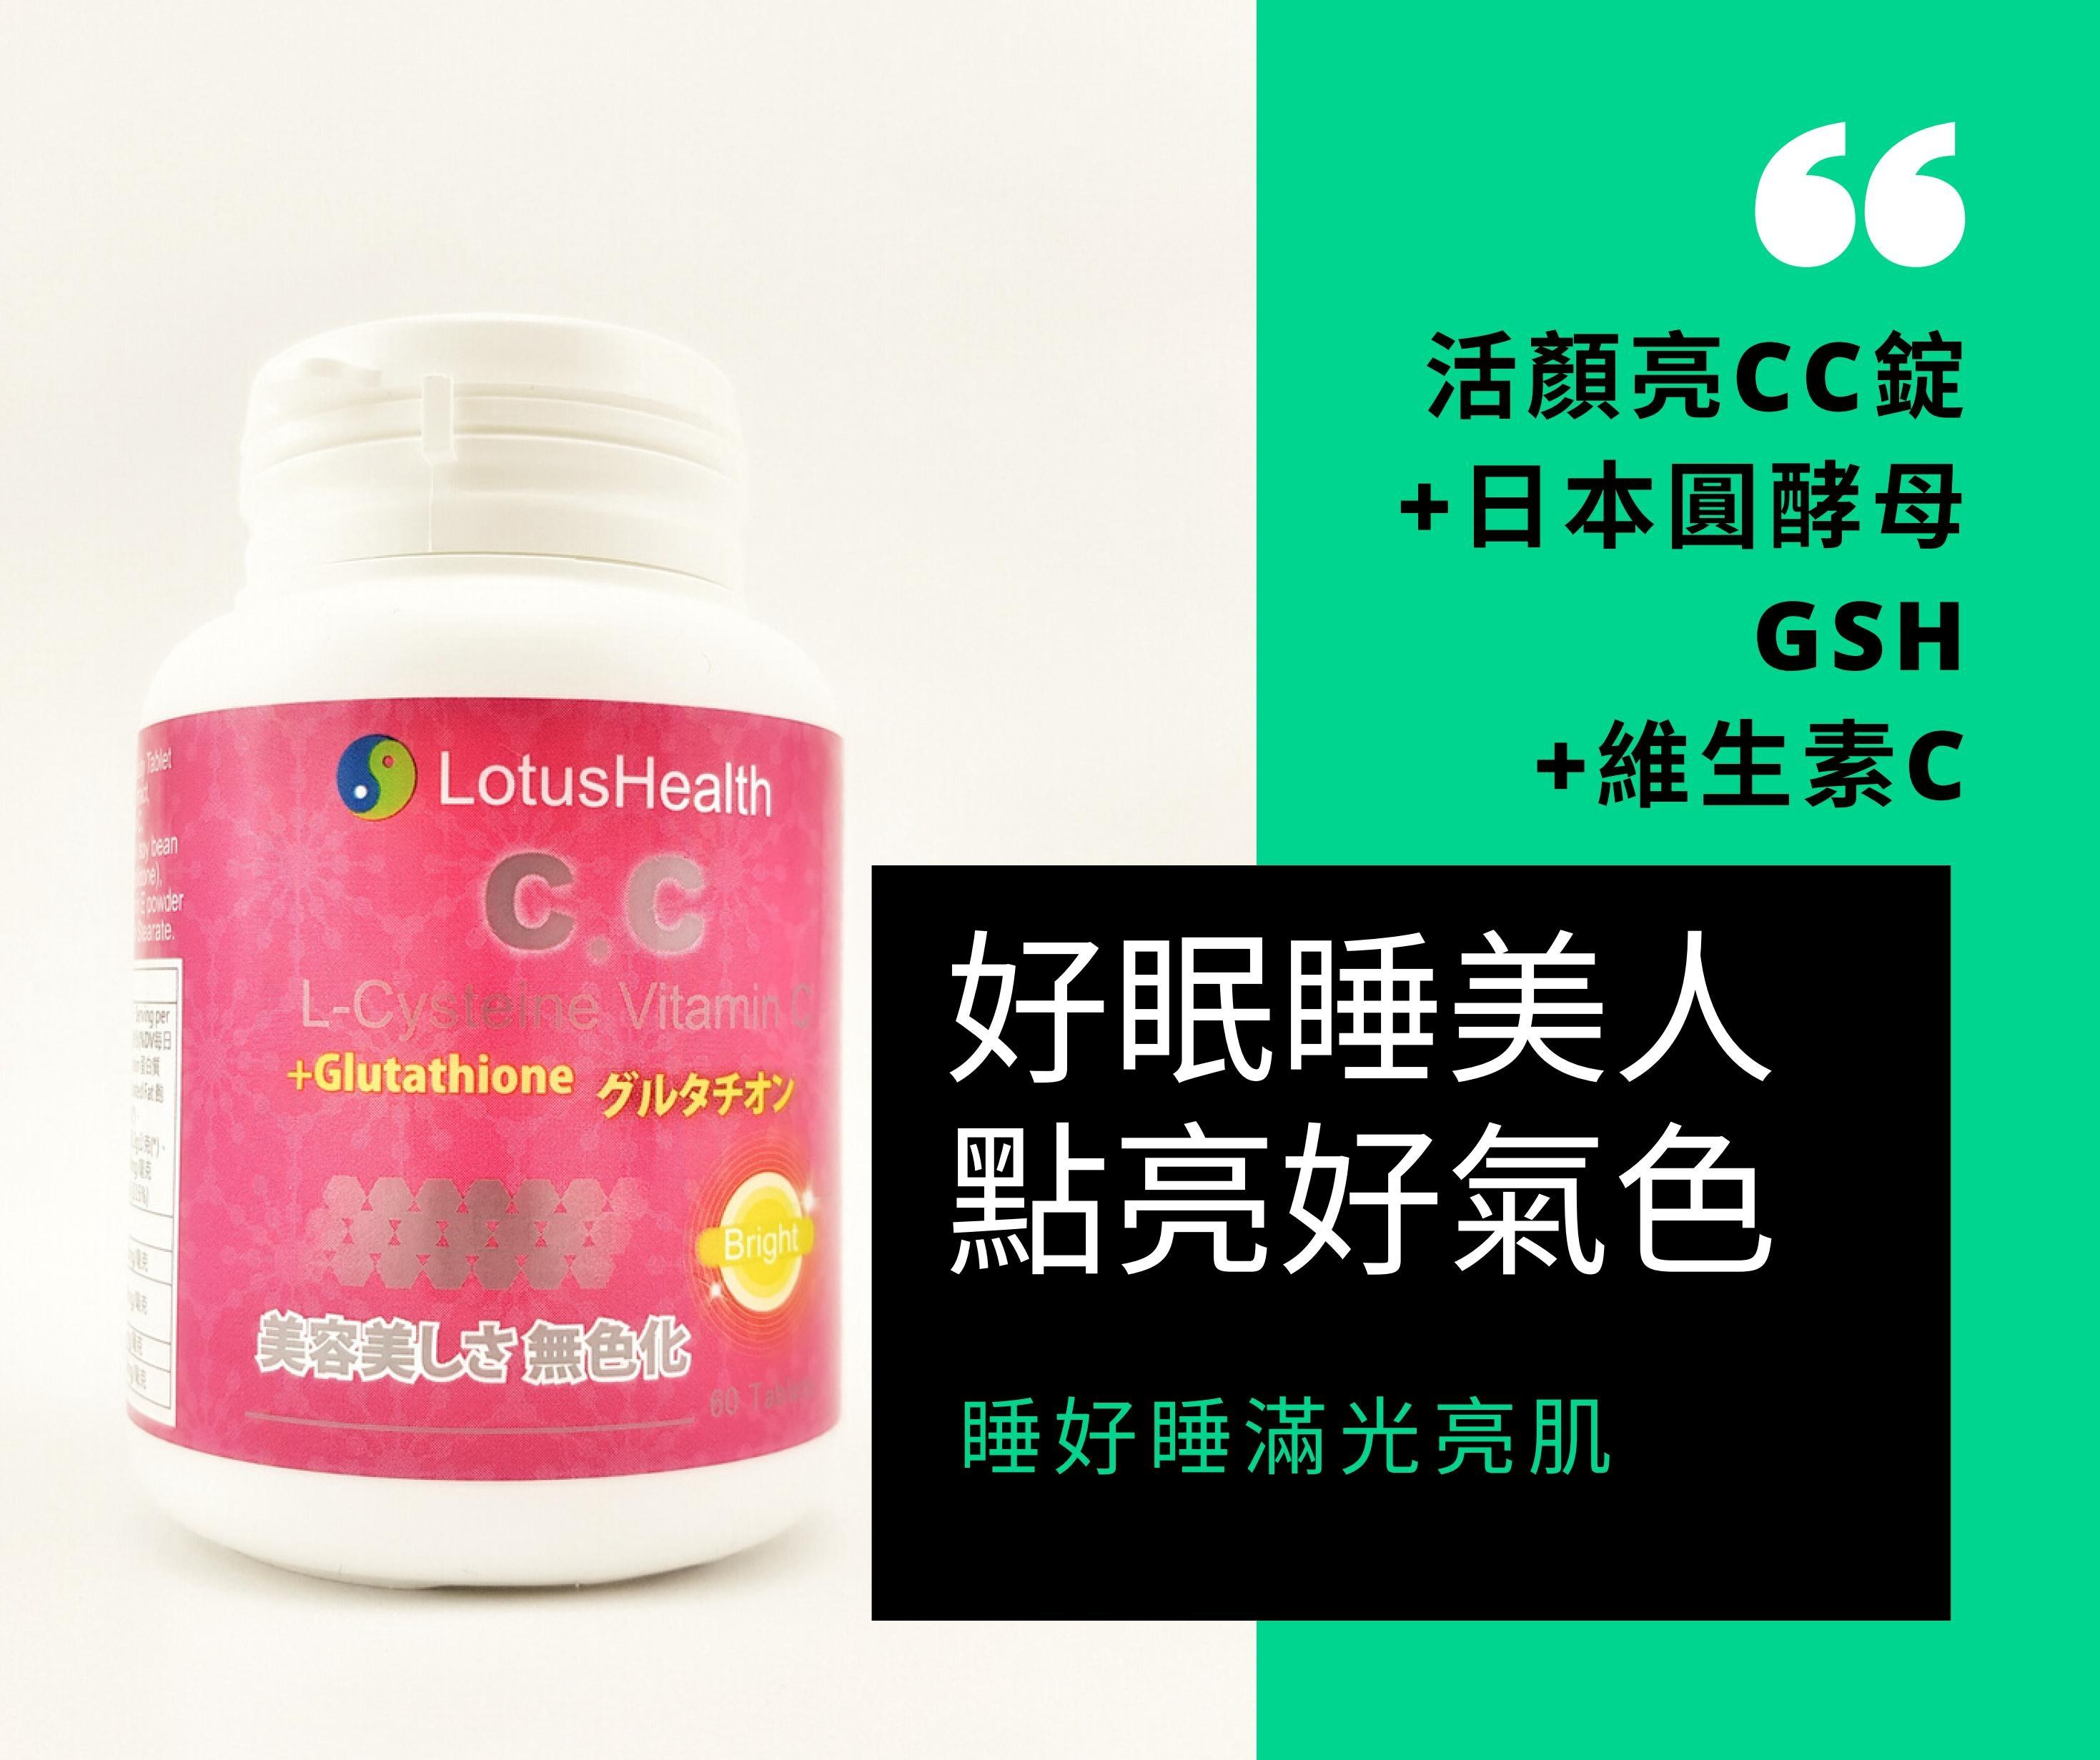 活顏亮cc錠 添加日本穀胱甘肽 維生素c 半胱胺酸